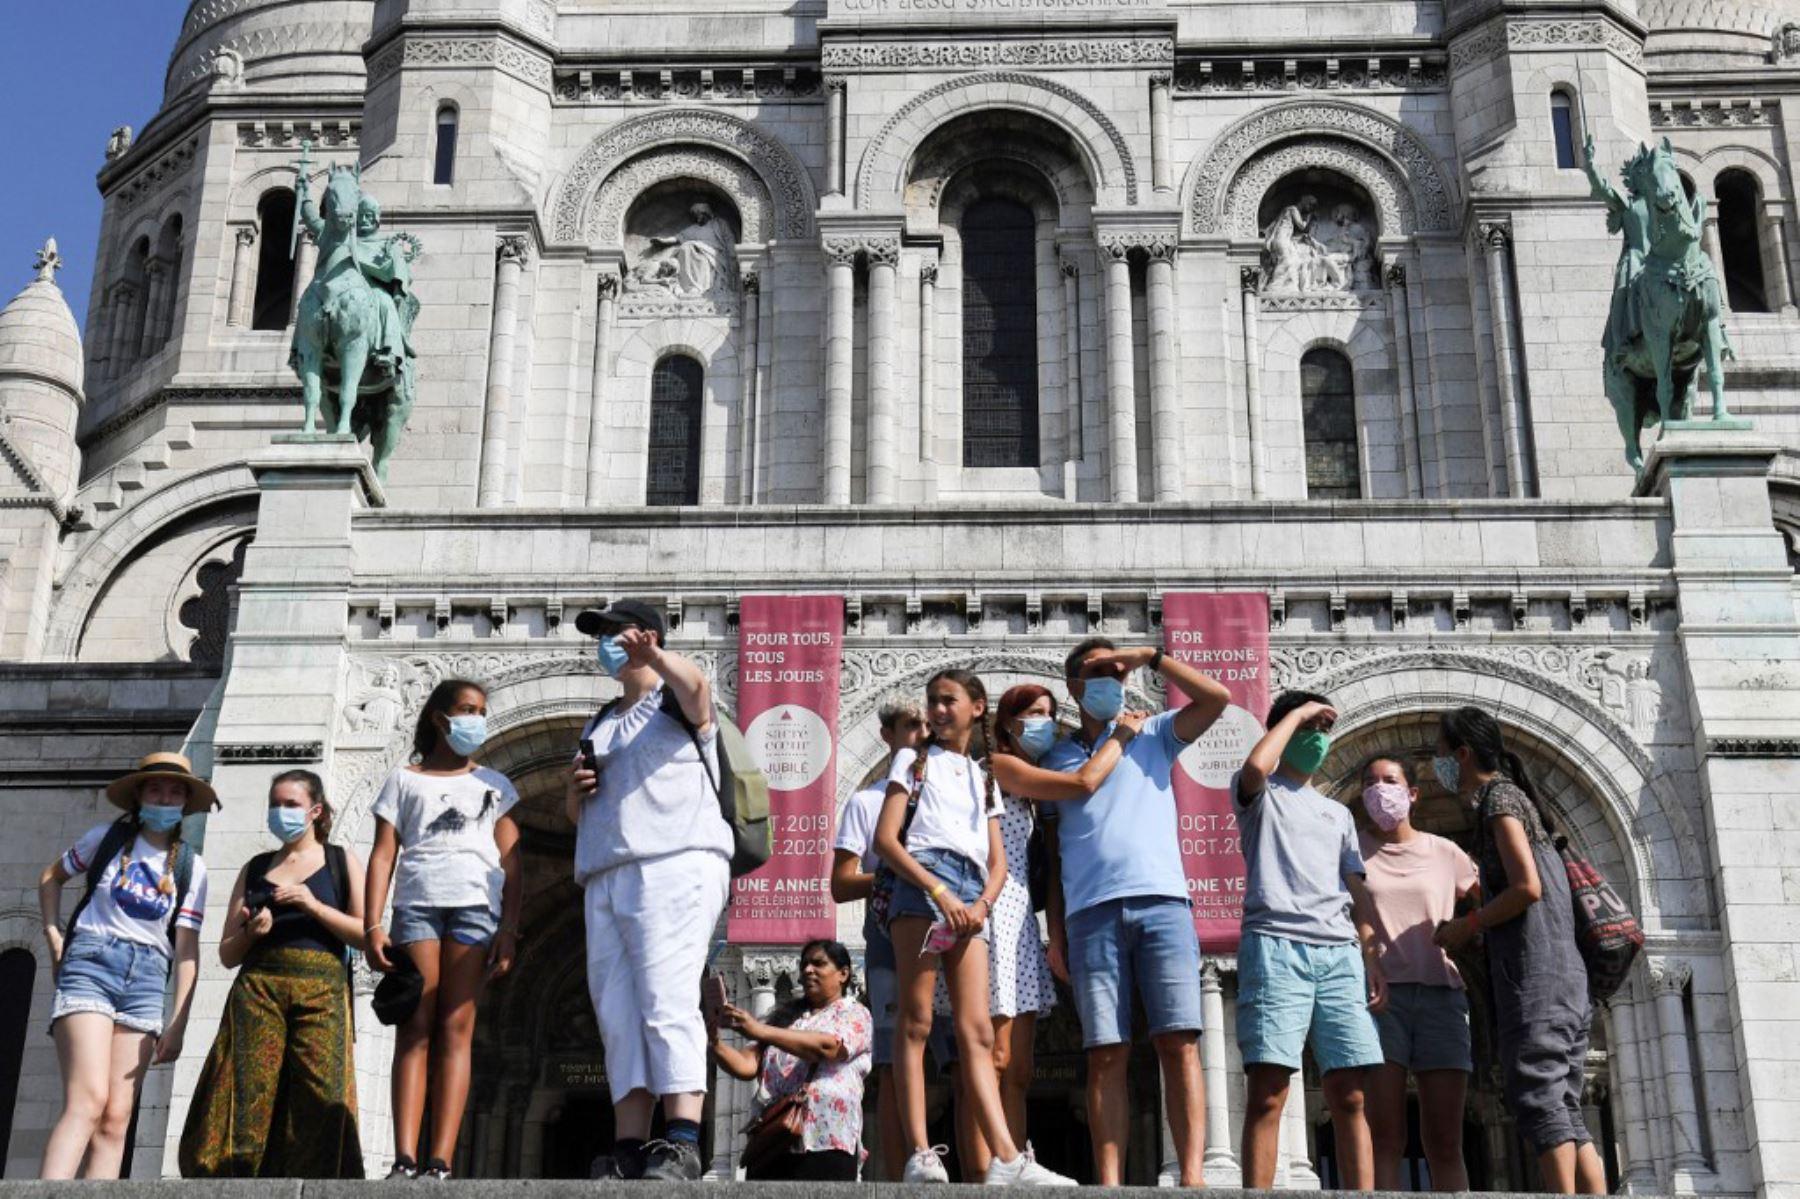 Personas con mascarillas protectoras pasan por delante de la basílica del Sacre Coeur, en el barrio de Montmartre. El alcalde decidió hacer obligatoria la mascarilla en determinadas zonas de la ciudad para luchar contra el surgimiento de nuevos casos de infectados.  Foto: AFP